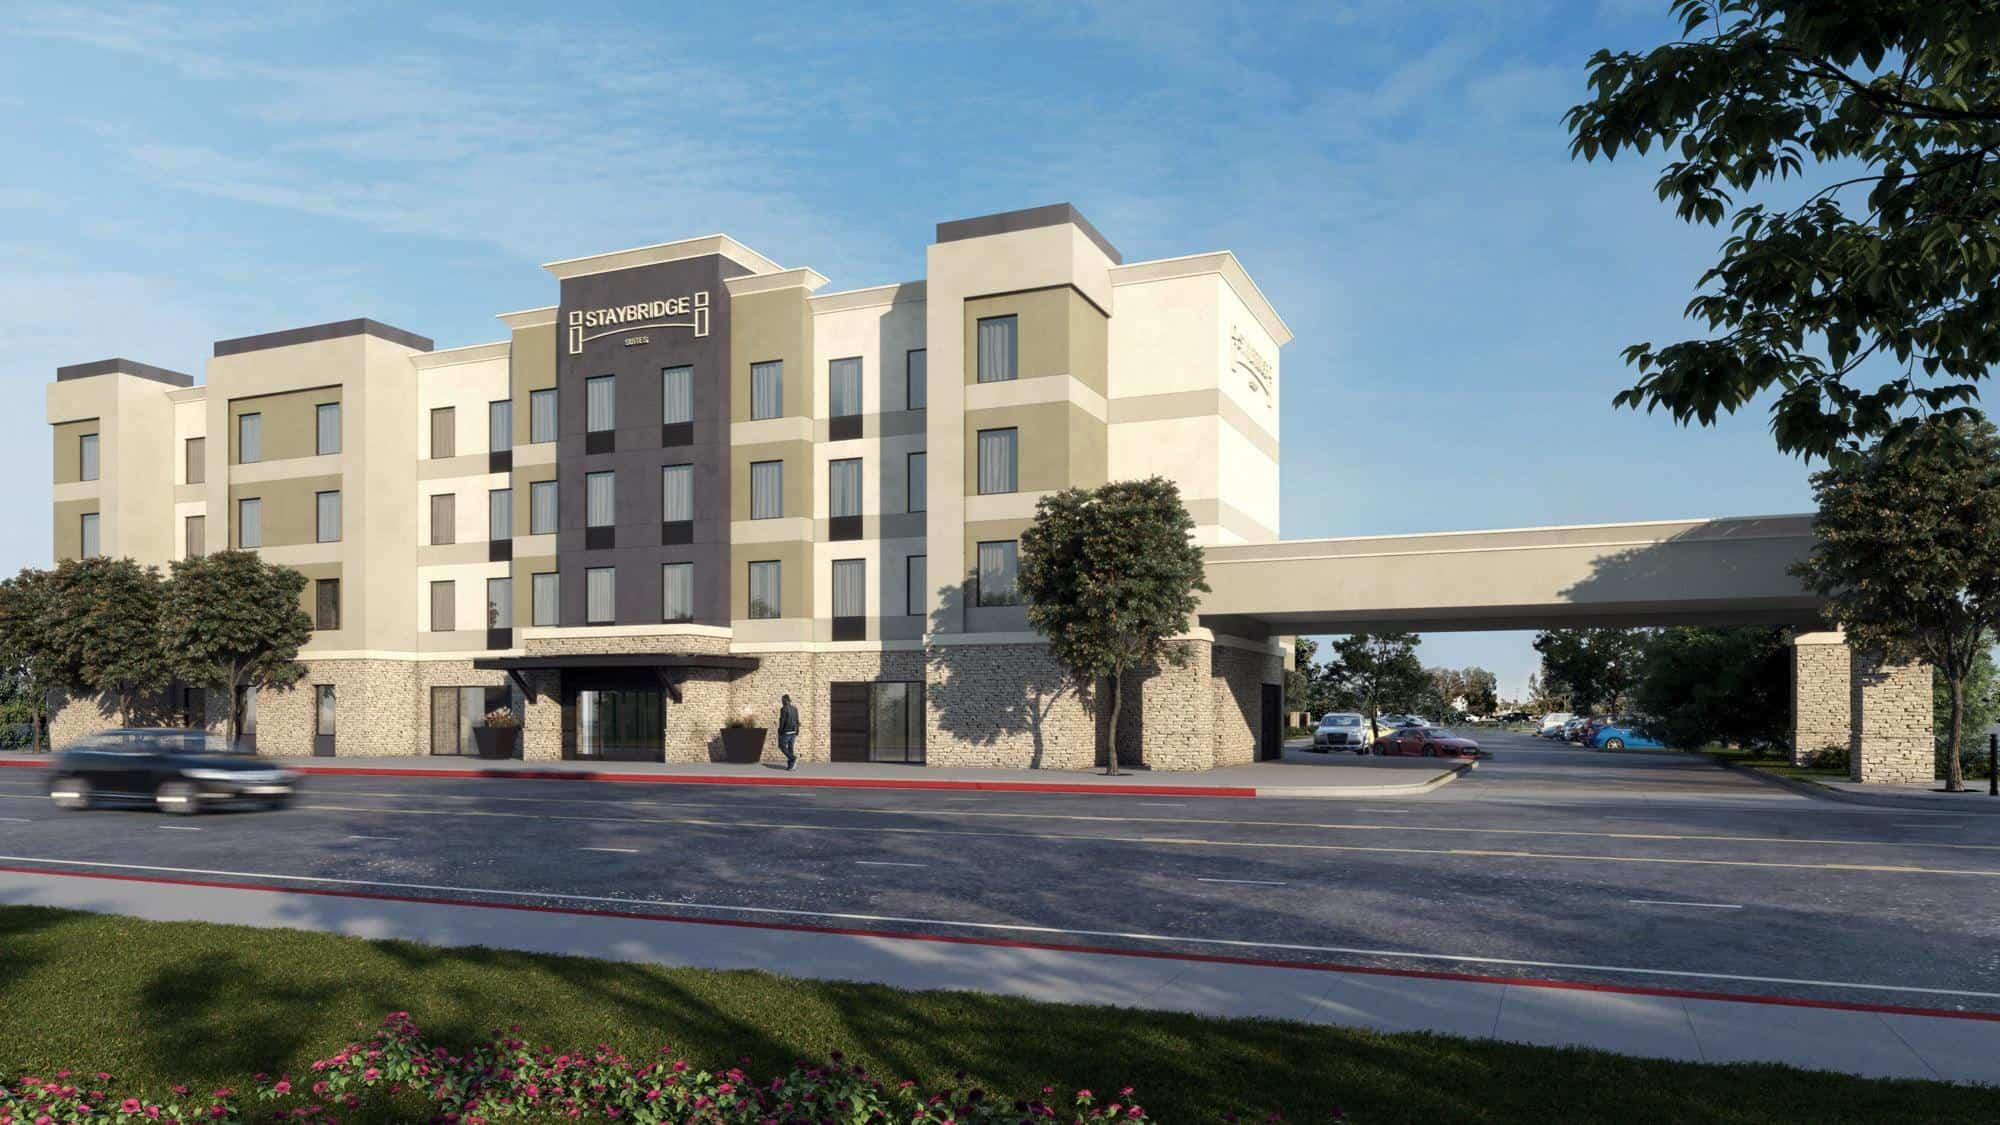 IHG Staybridge Suites Viešbutis